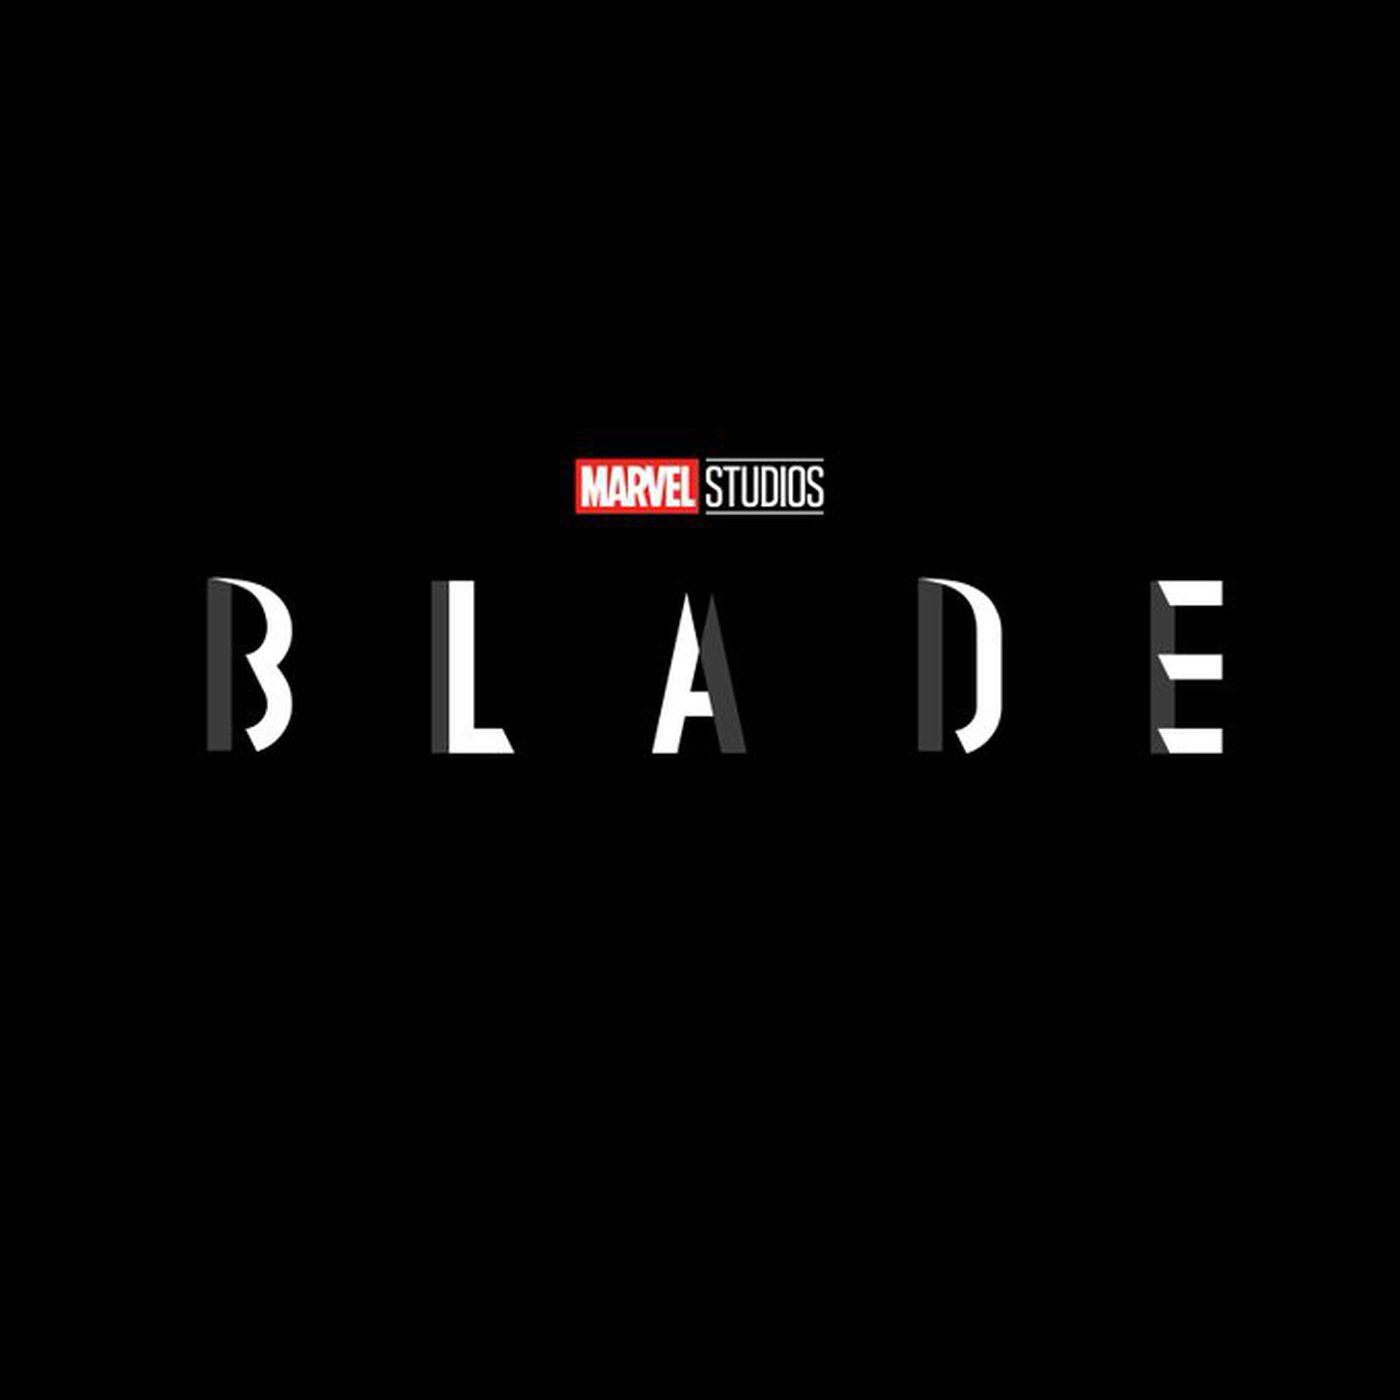 Blade in MCU